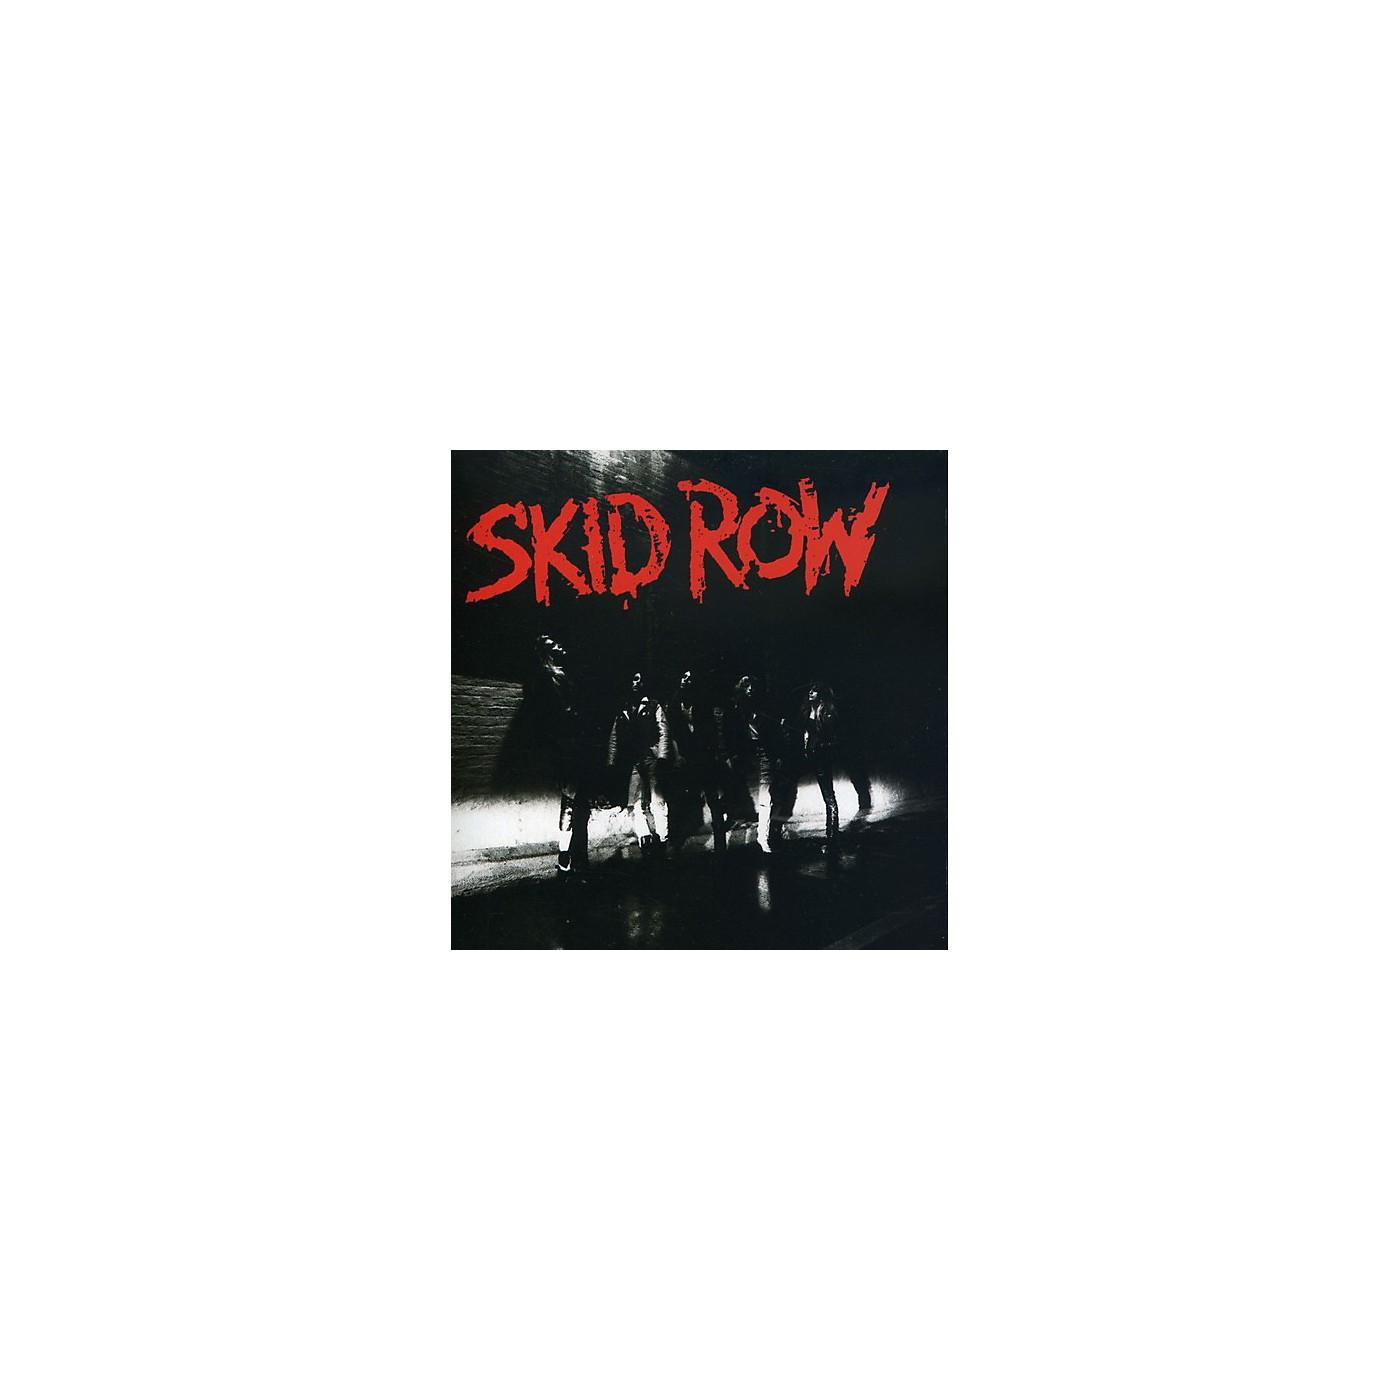 Alliance Skid Row - Skid Row (CD) thumbnail